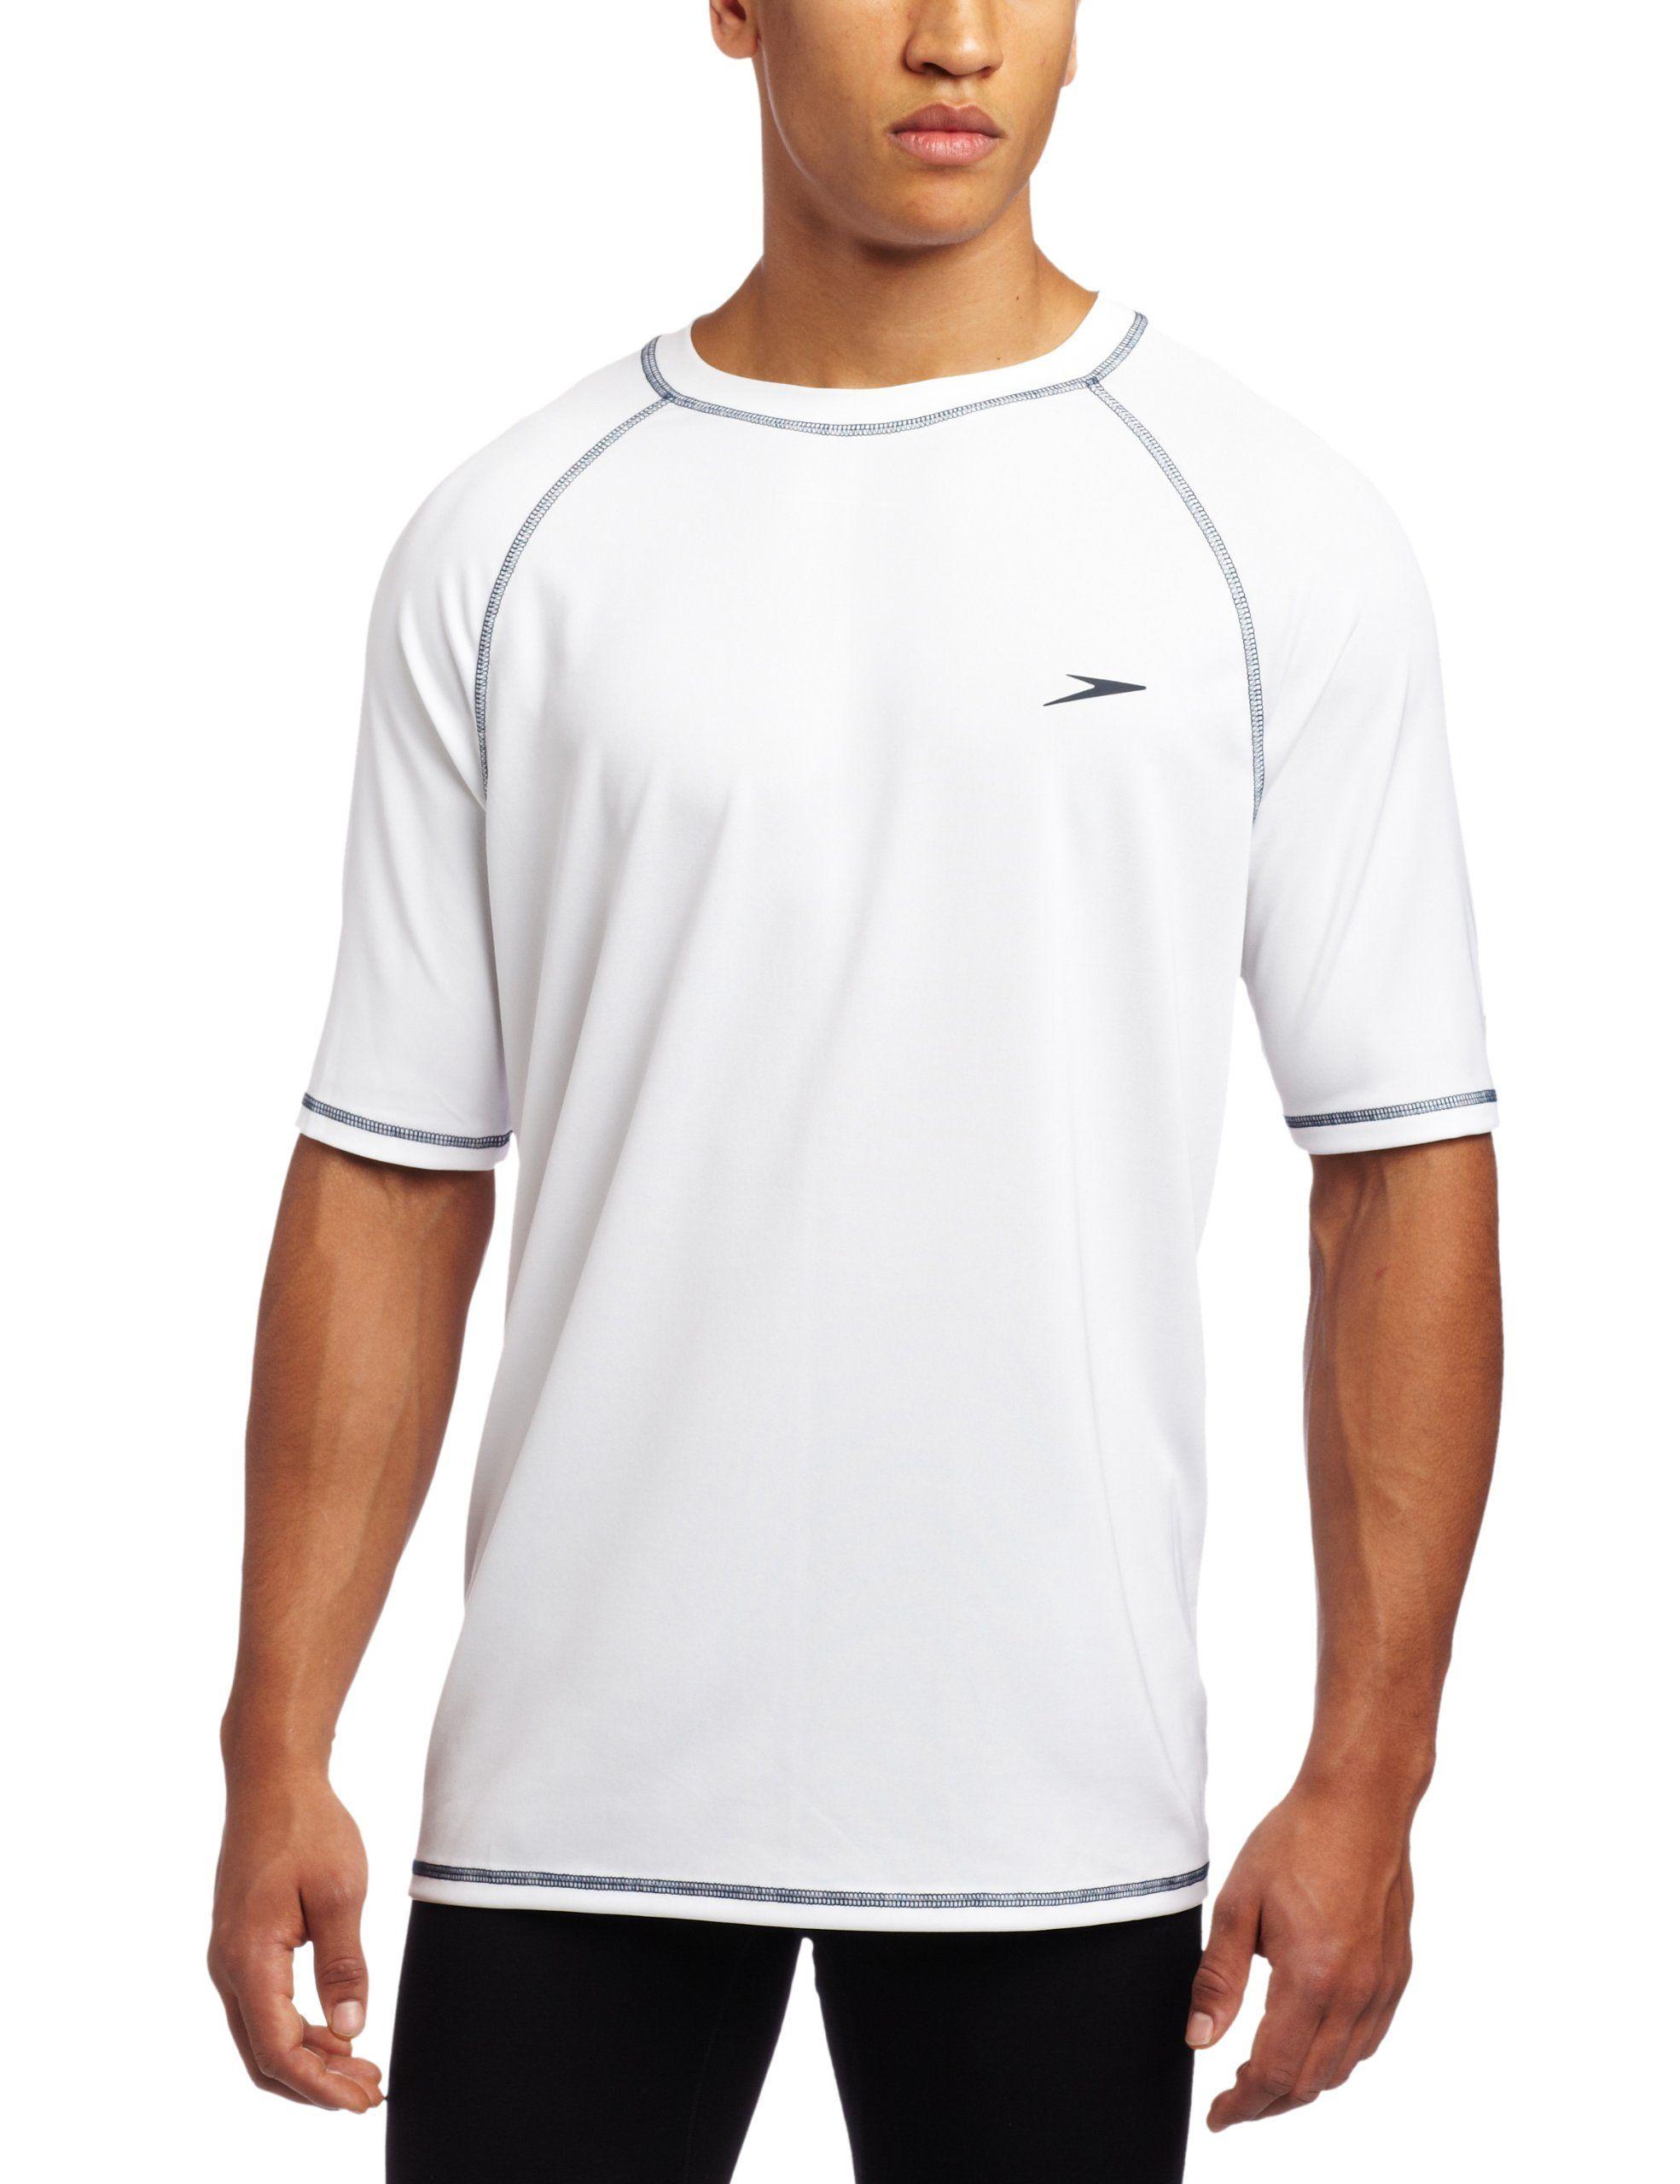 Speedo Mens Guard Short Sleeve T-Shirt